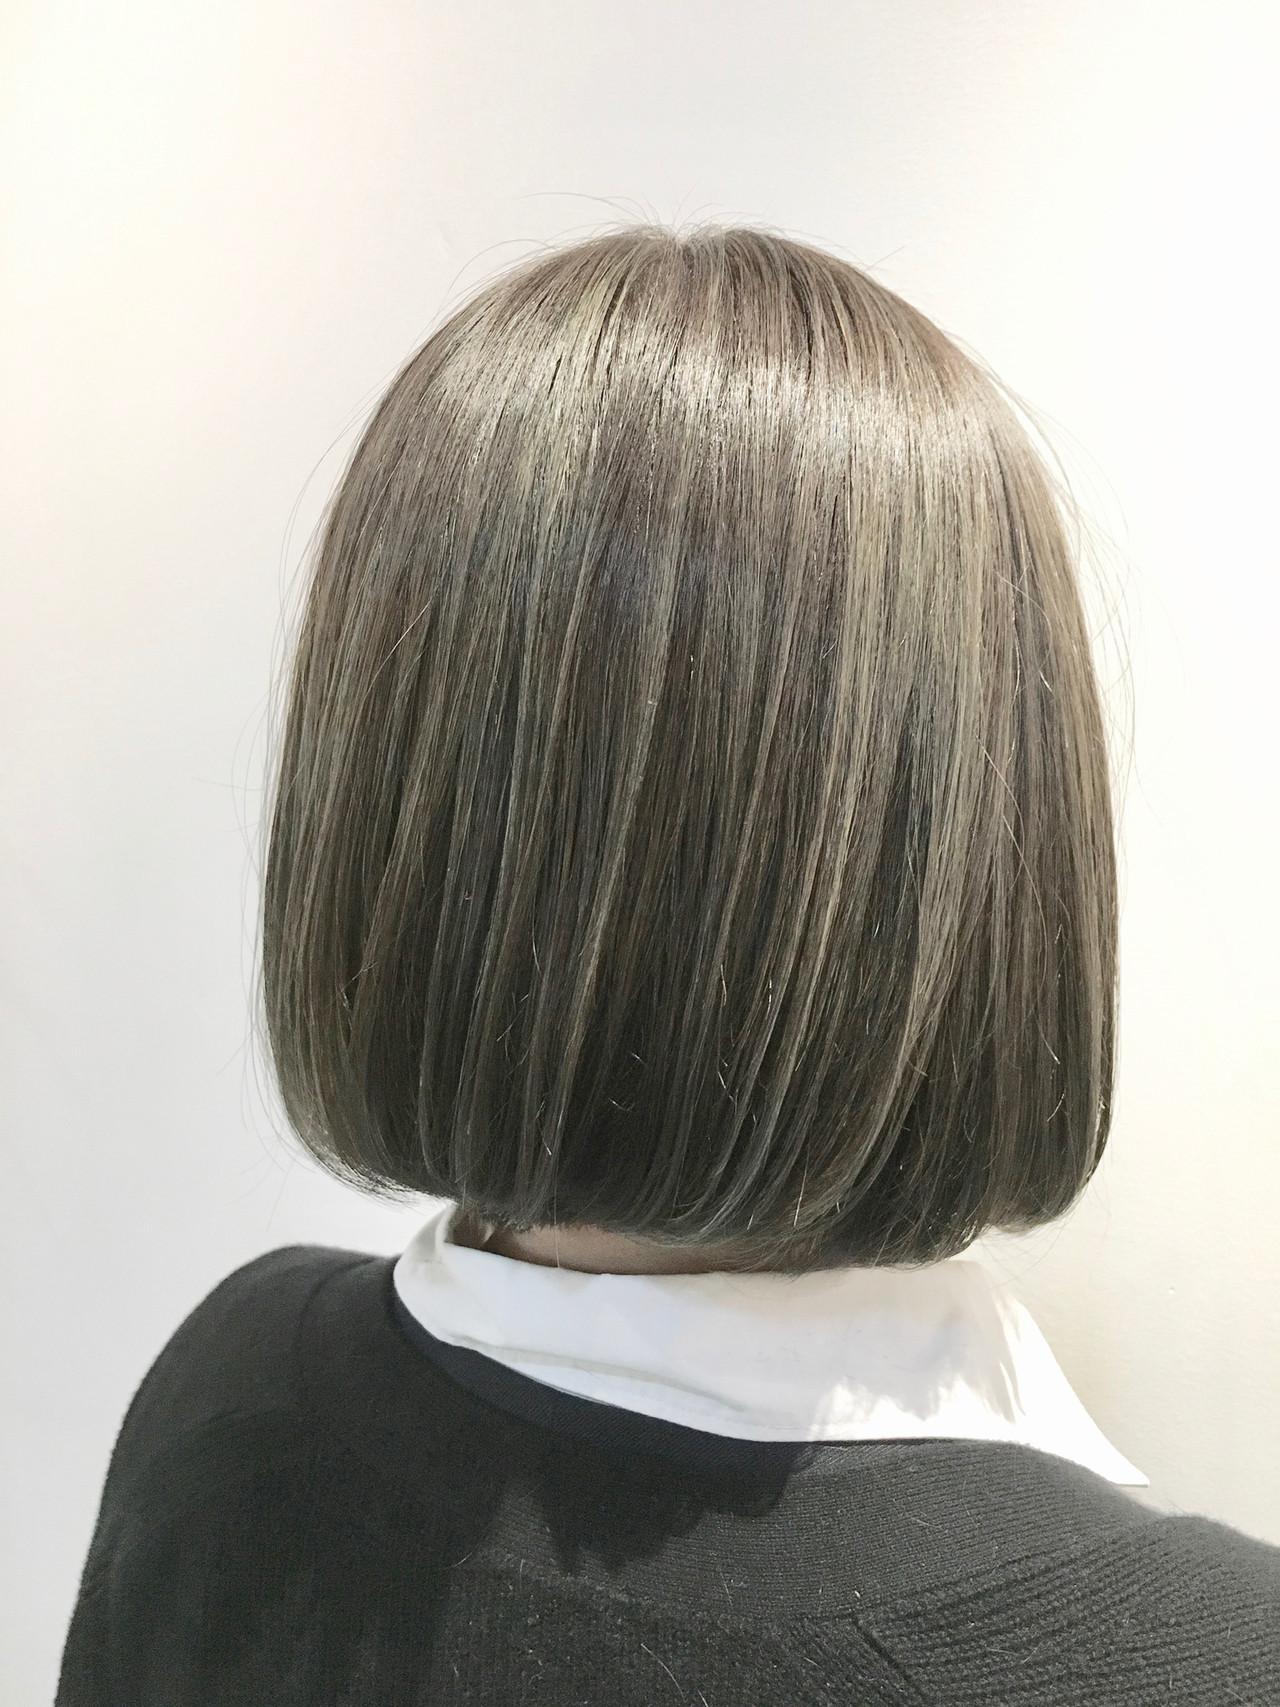 グレージュ ガーリー カーキアッシュ ハイライト ヘアスタイルや髪型の写真・画像